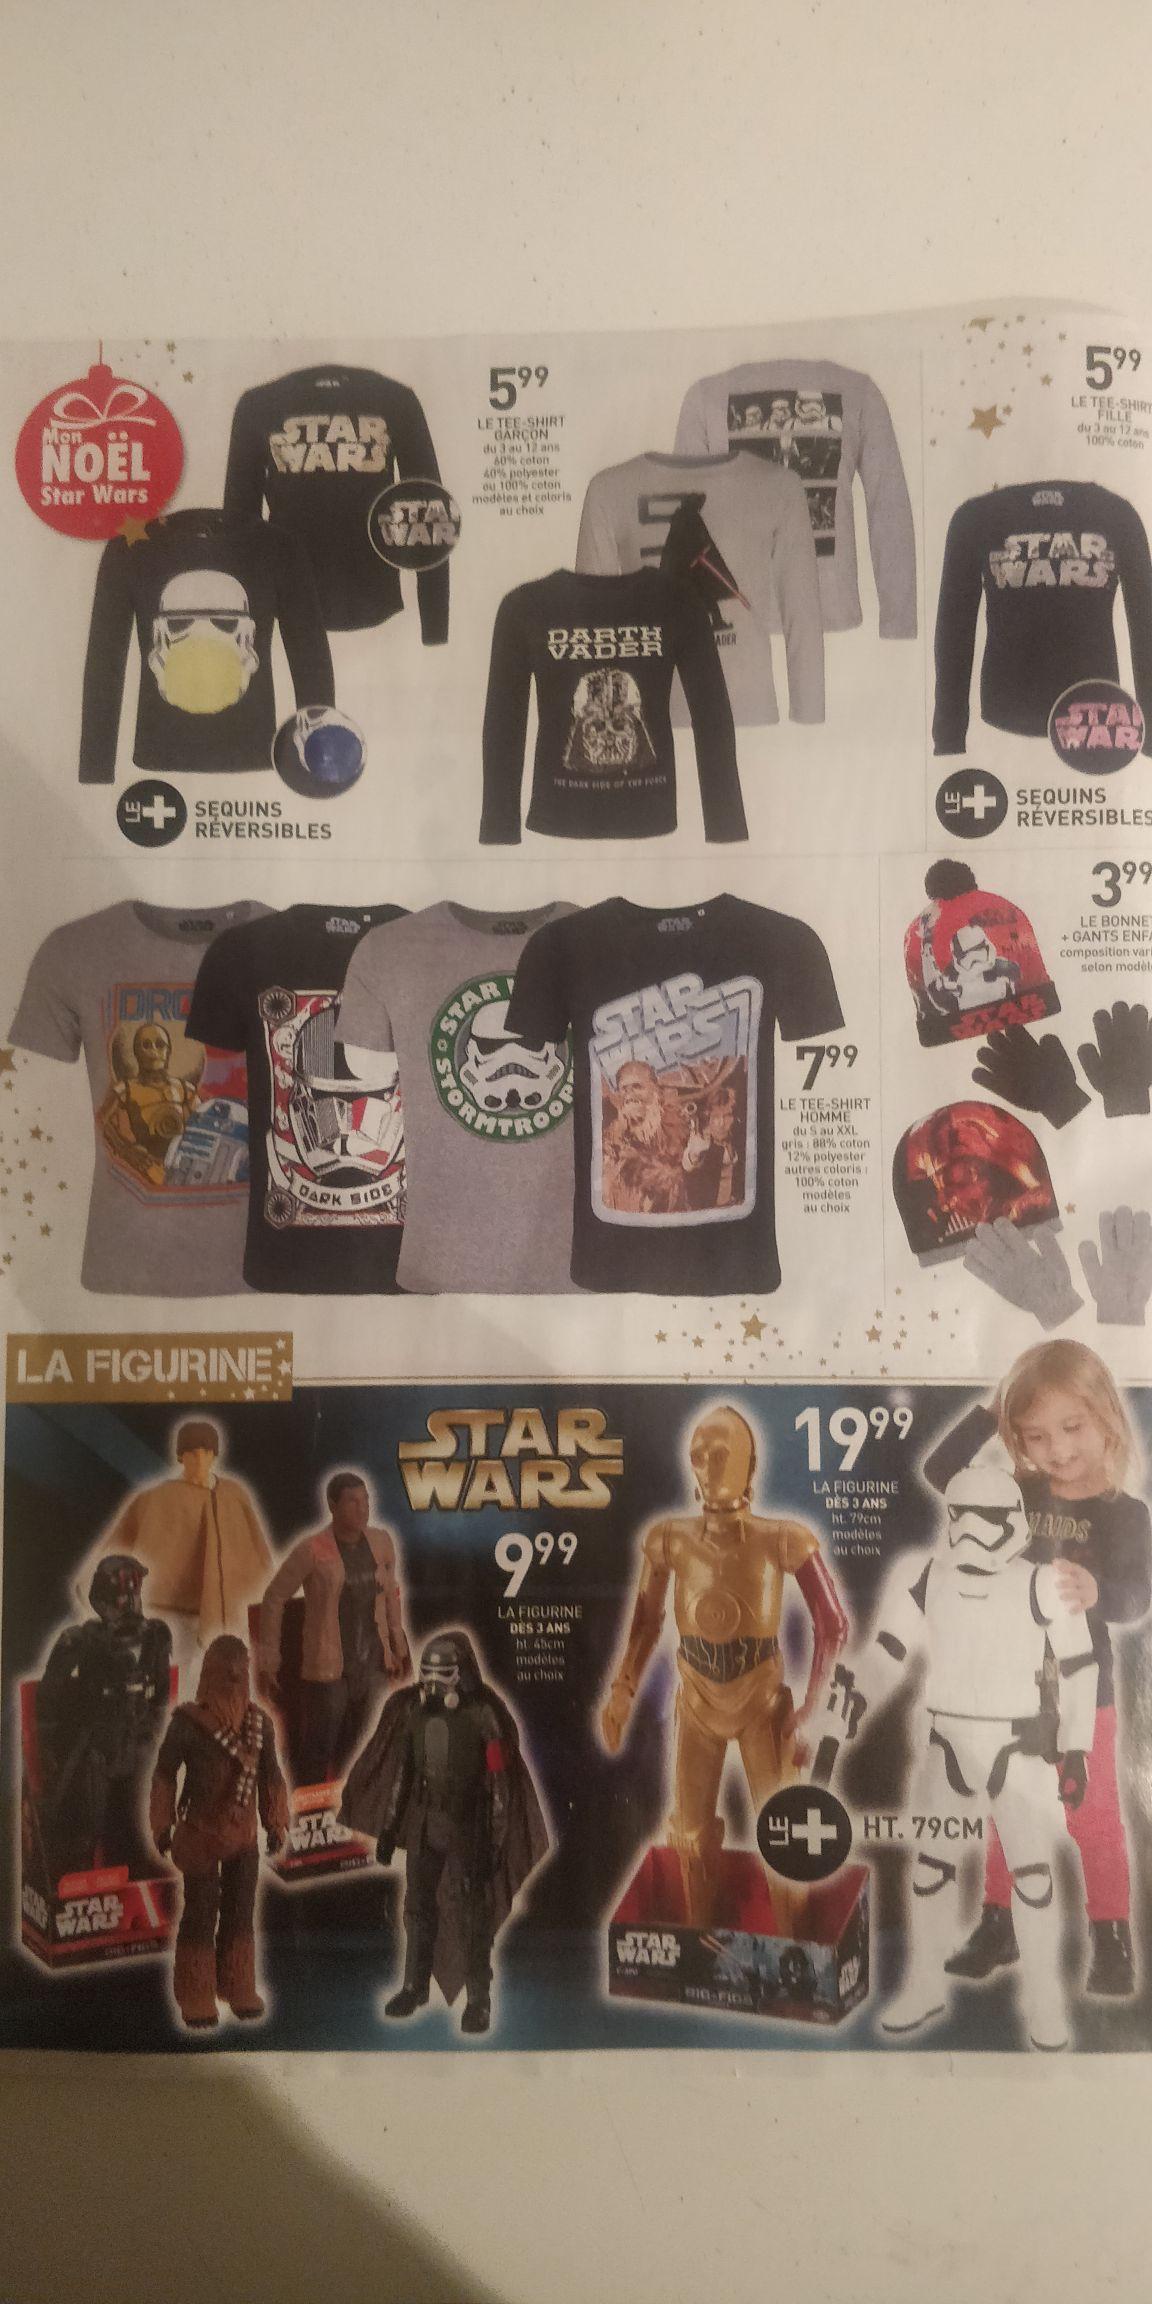 Produits Star Wars en promotion - Ex: Figurine 45Cm